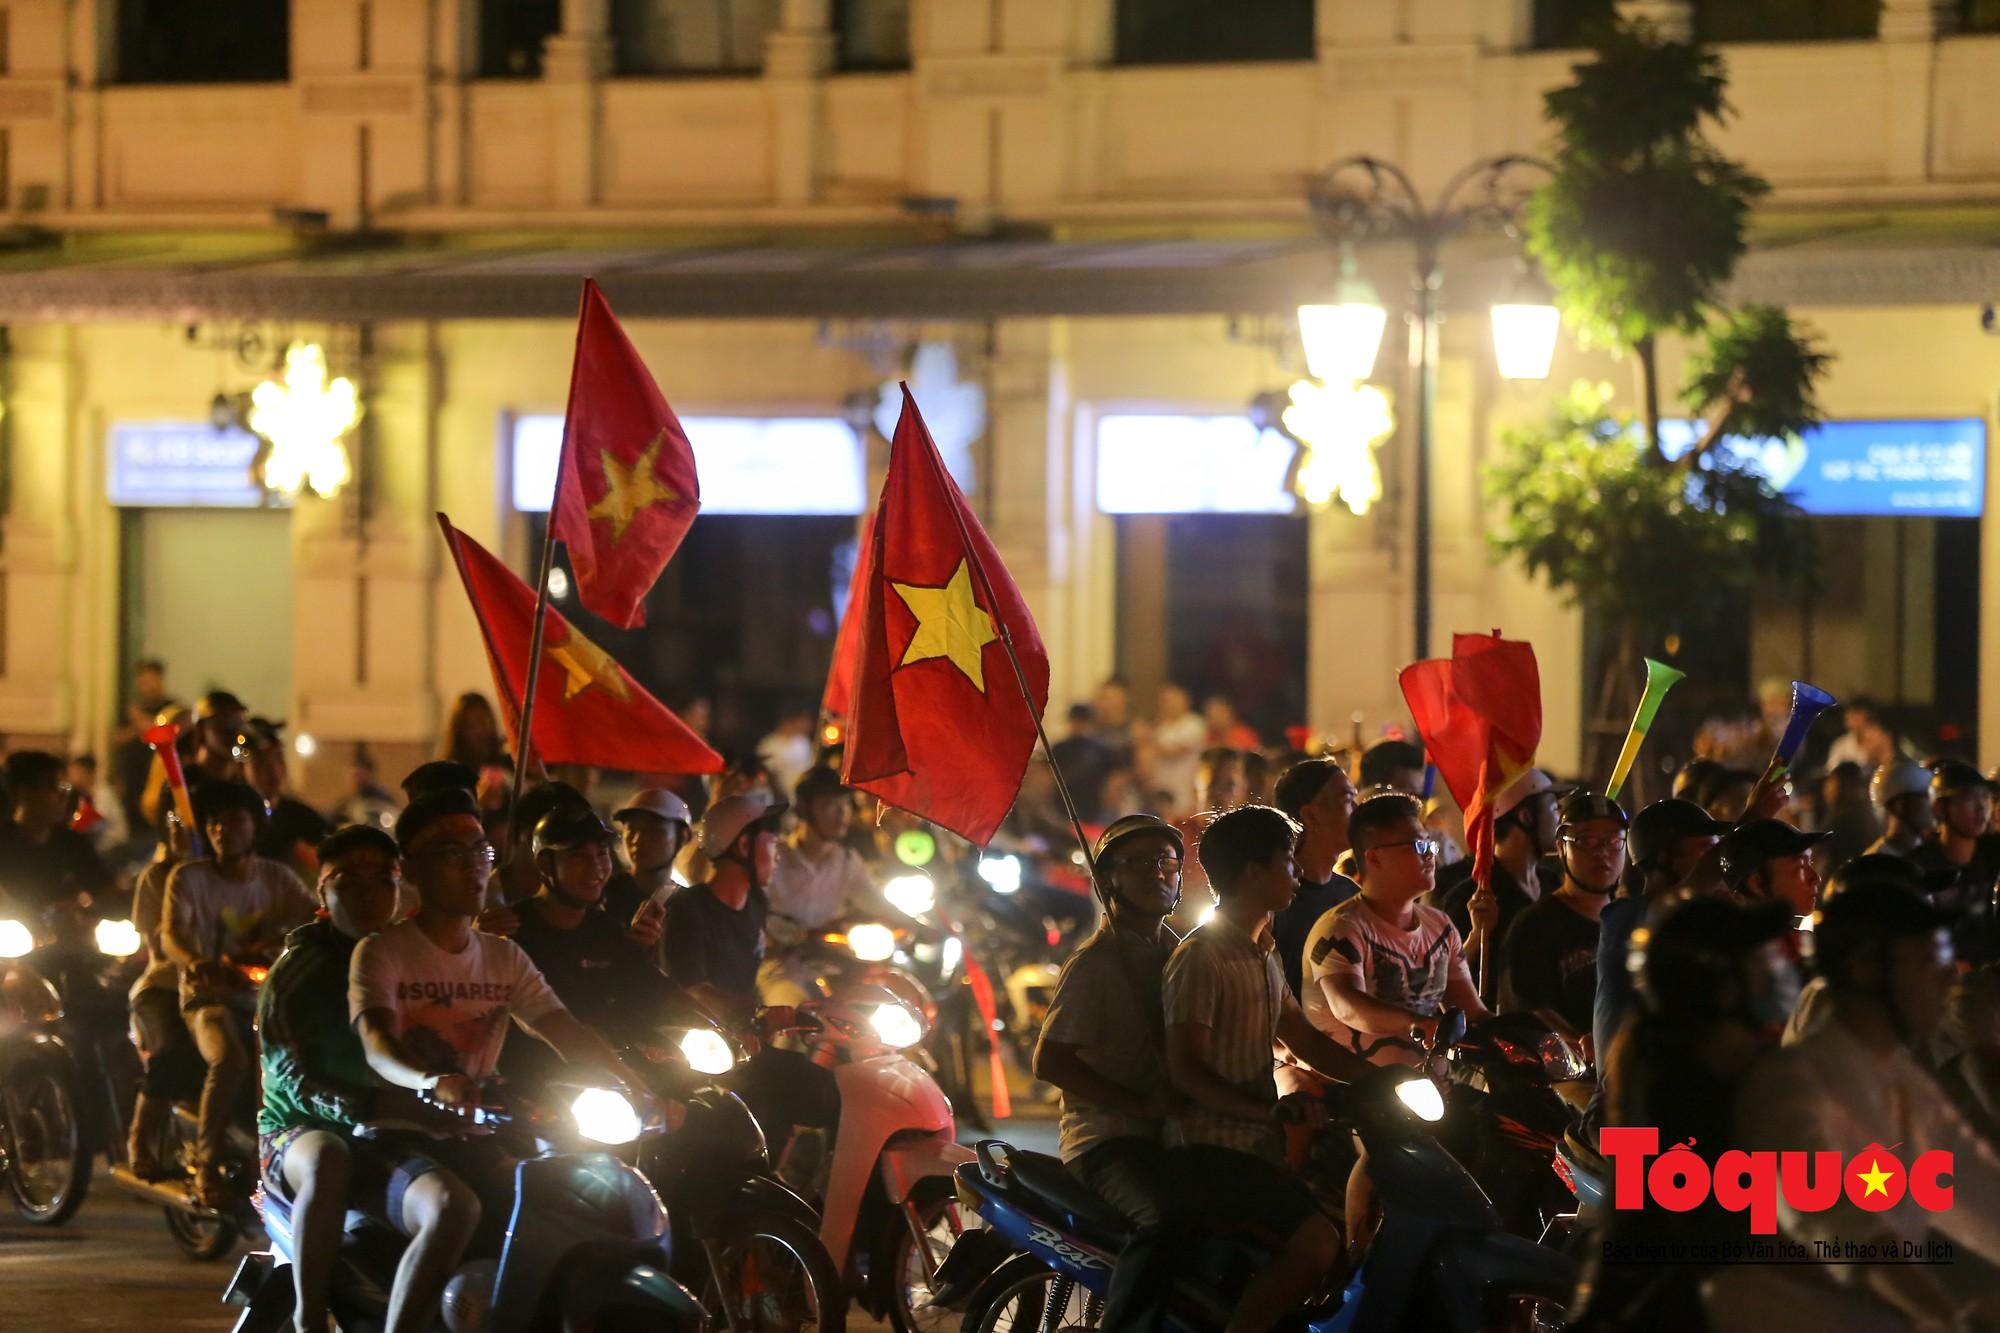 Hàng ngàn CĐV xuống đường mừng chiến thắng của đội tuyển Việt Nam15